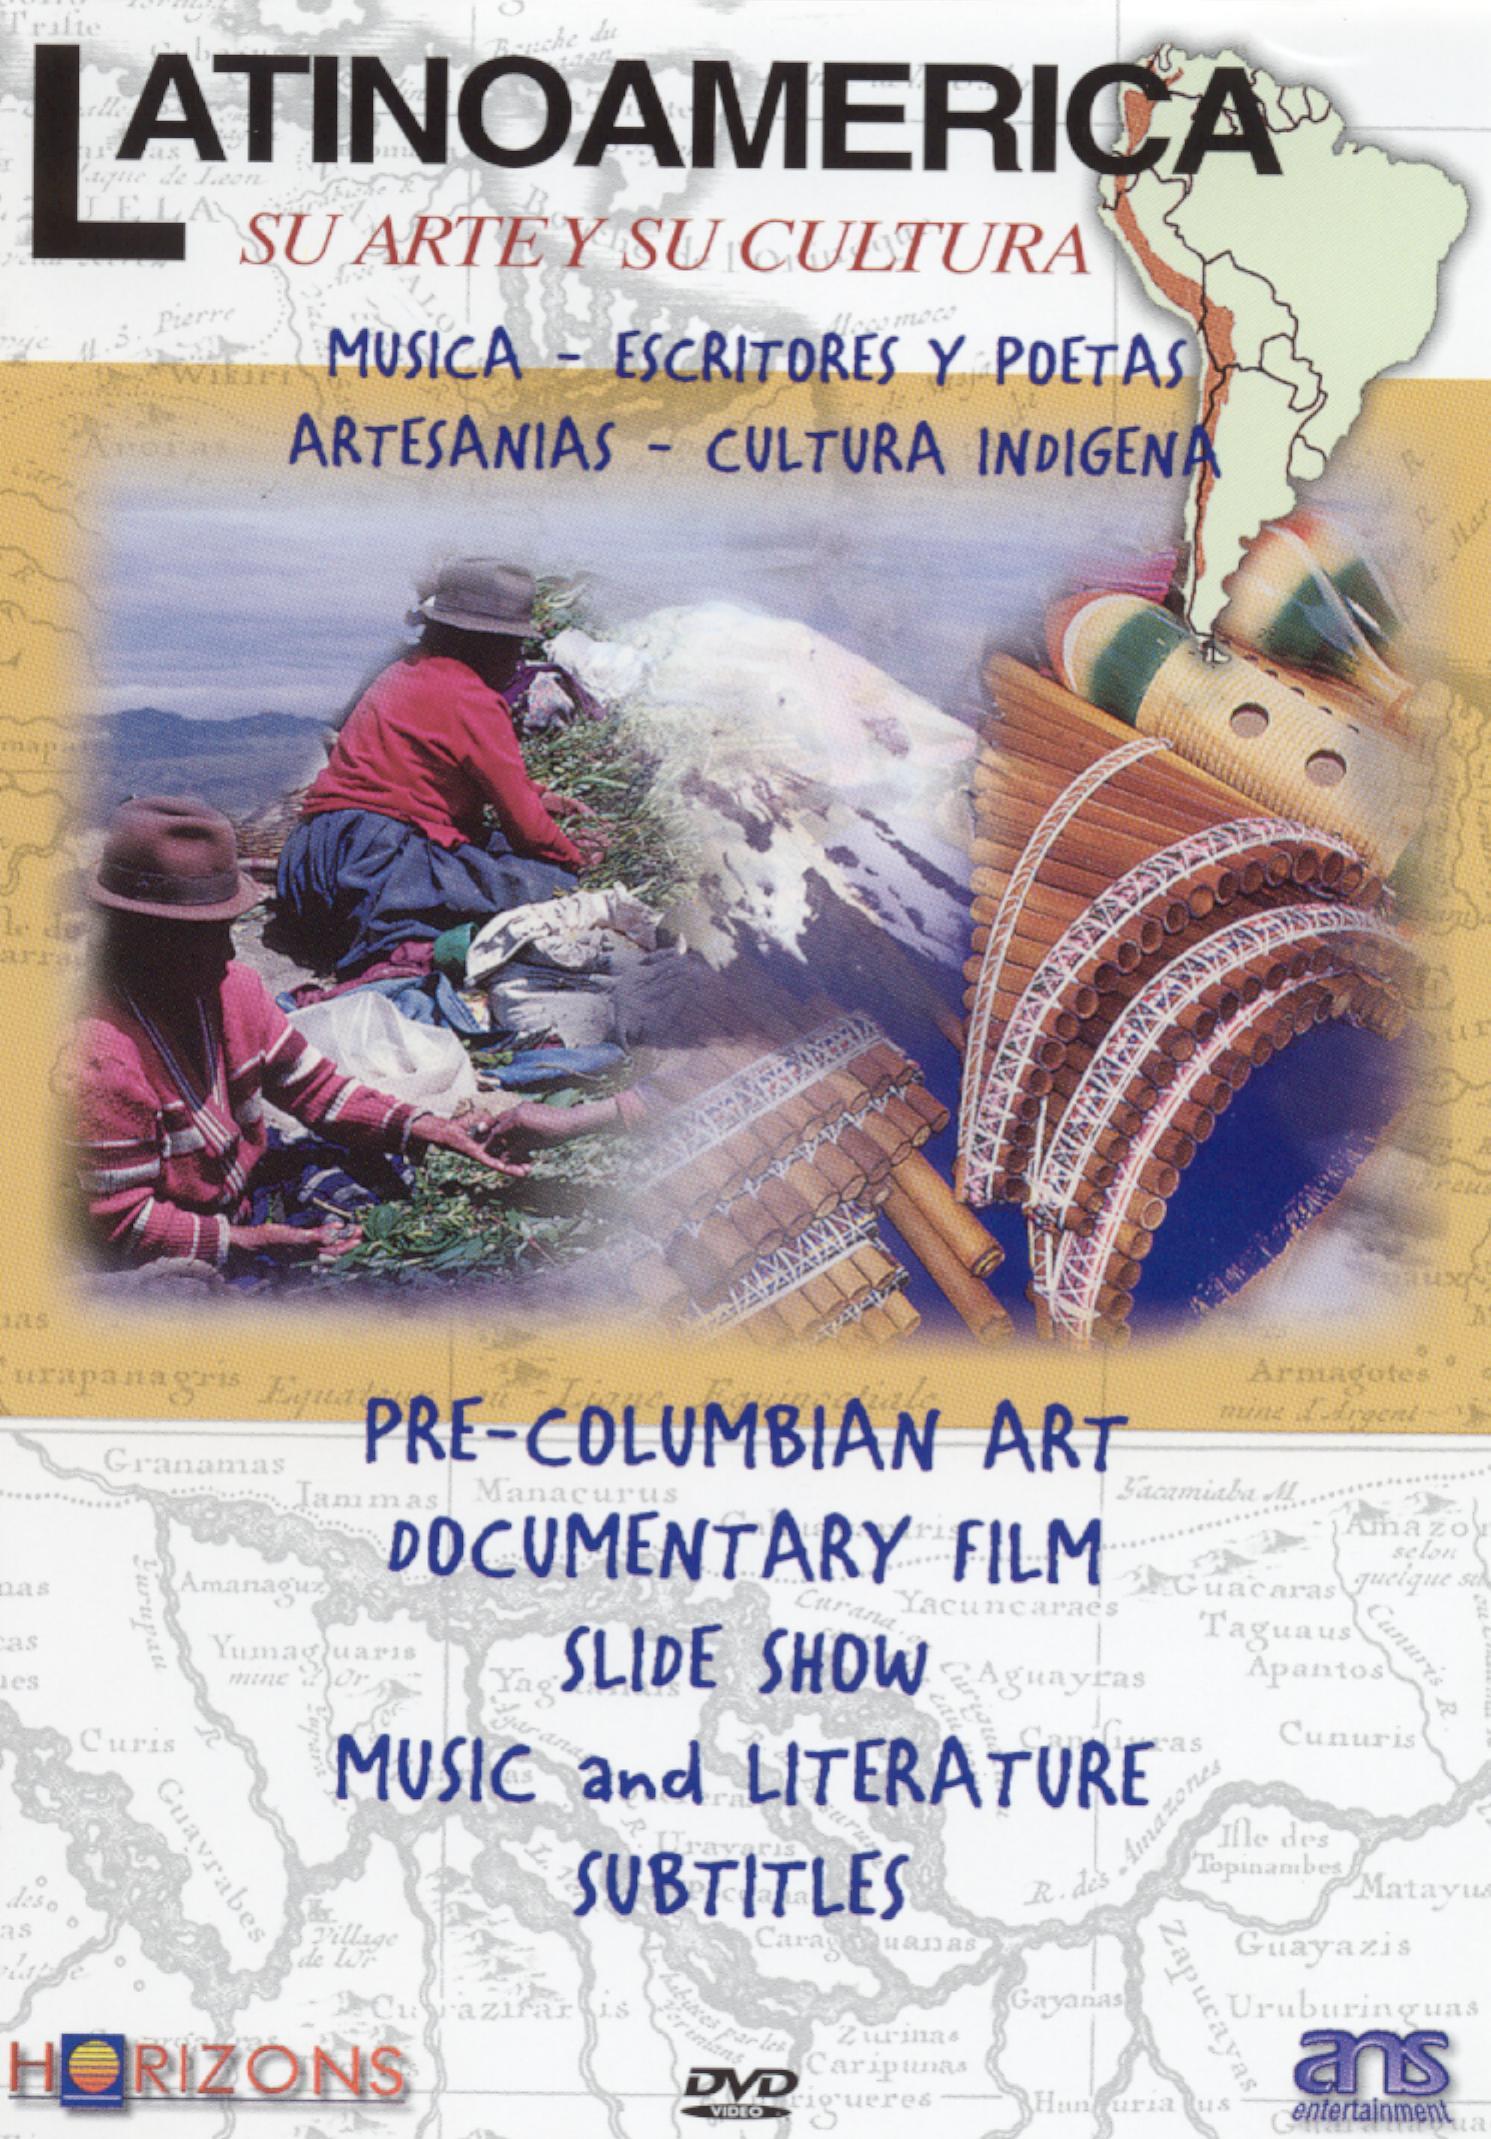 Horizons: Latino America Su Arte Y Su Cultura